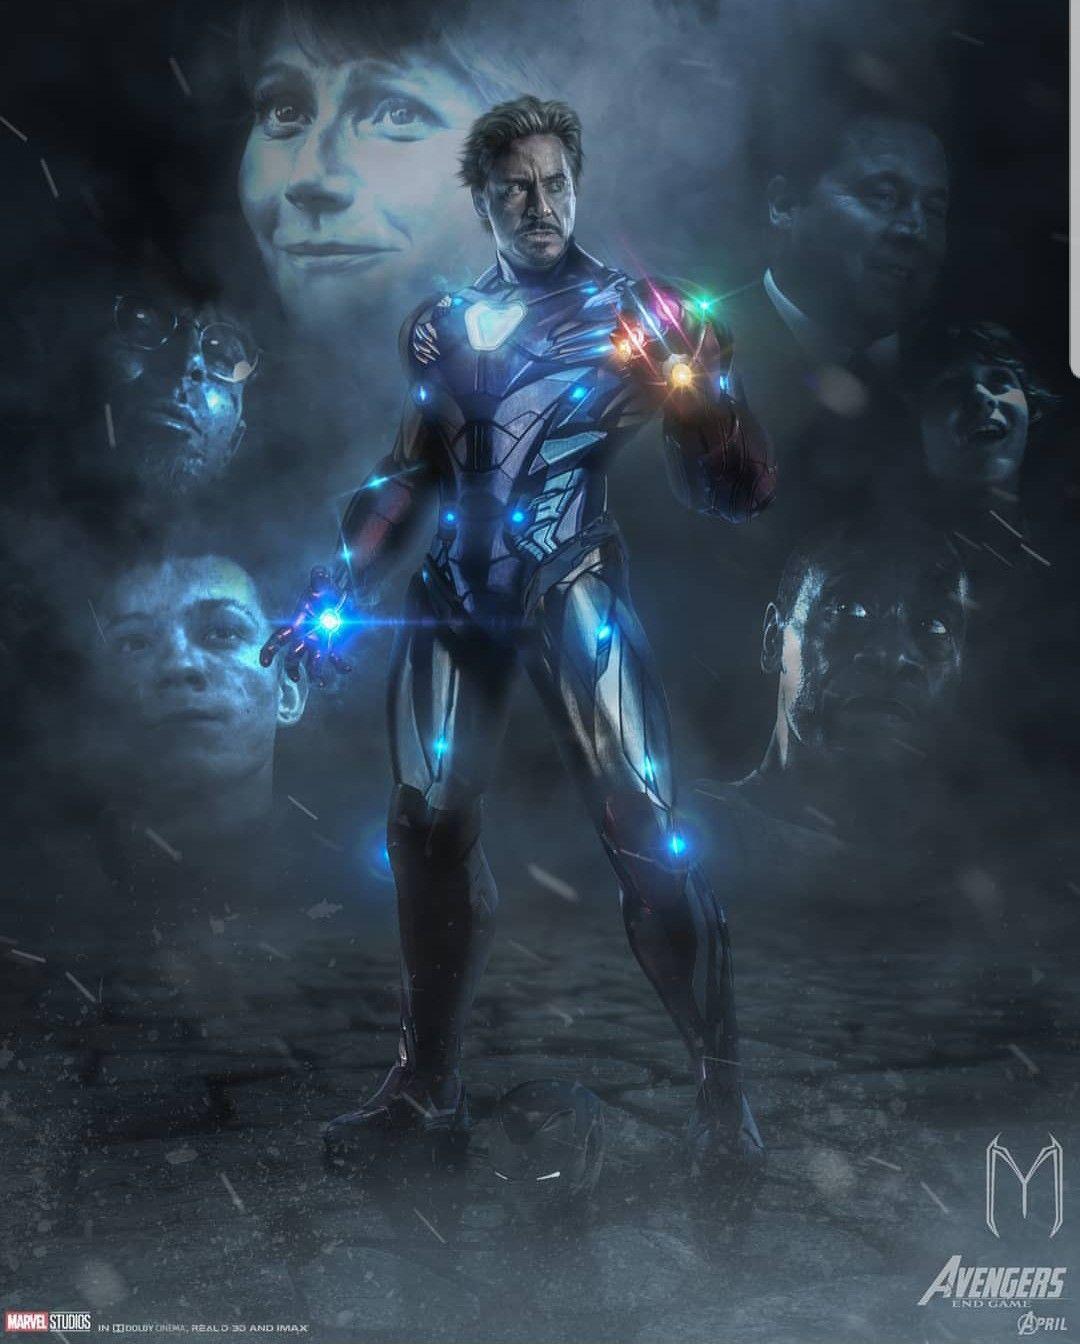 Avengers Endgame art • by Ultraraw26 Marvel superheroes